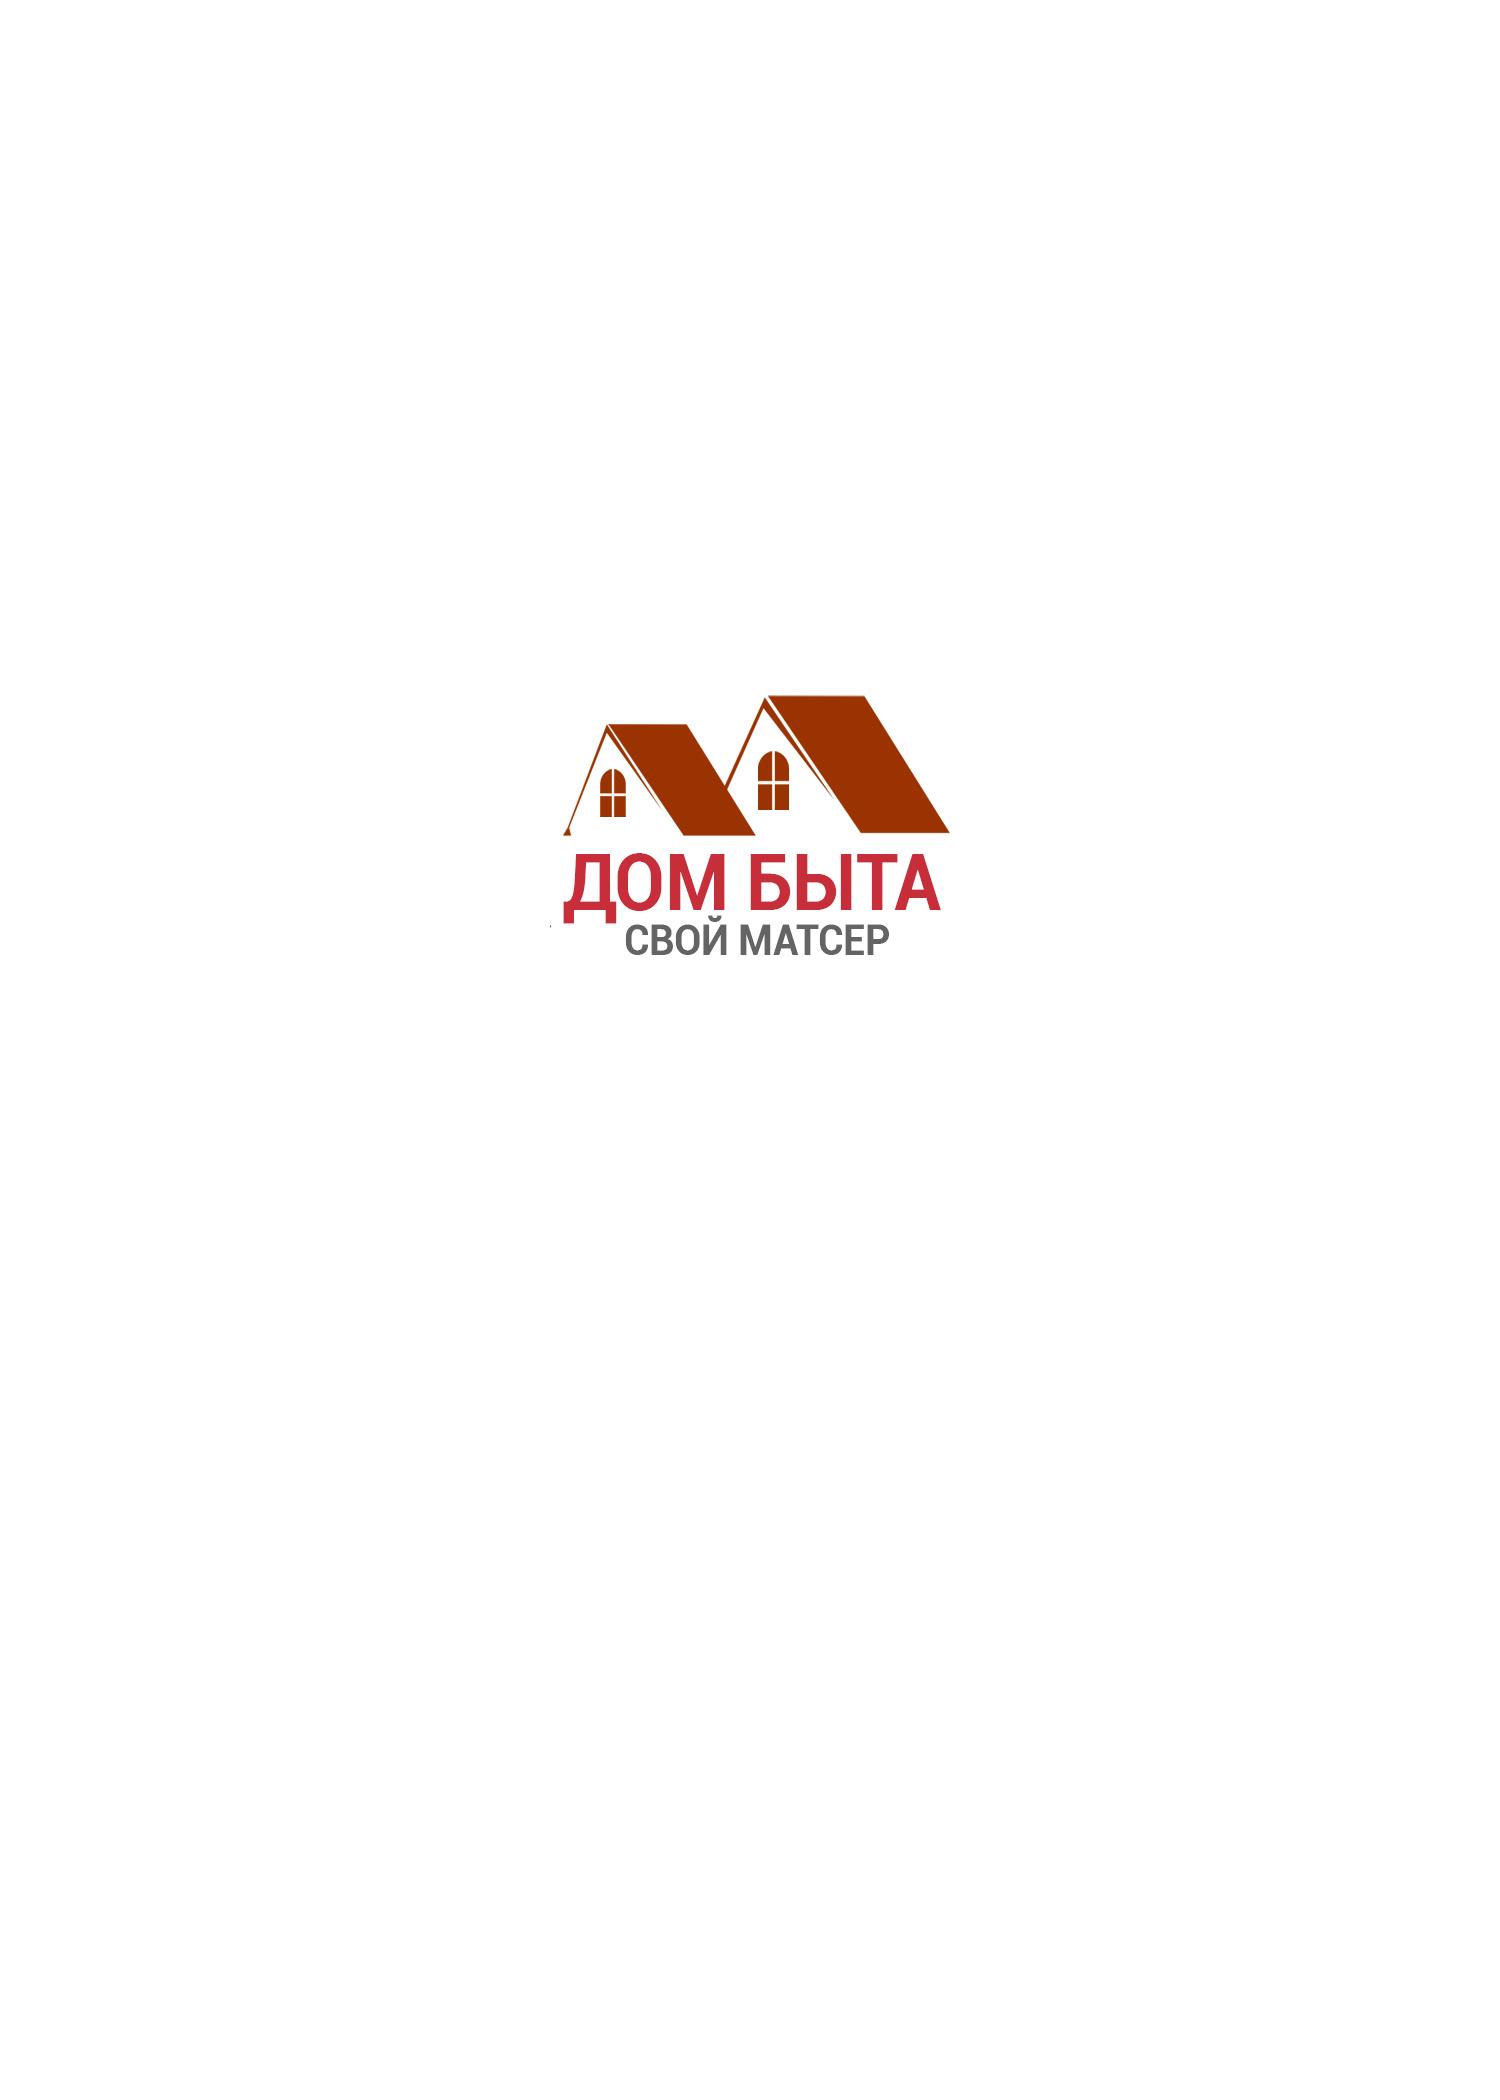 Логотип для сетевого ДОМ БЫТА фото f_9255d77d2bd984a8.jpg